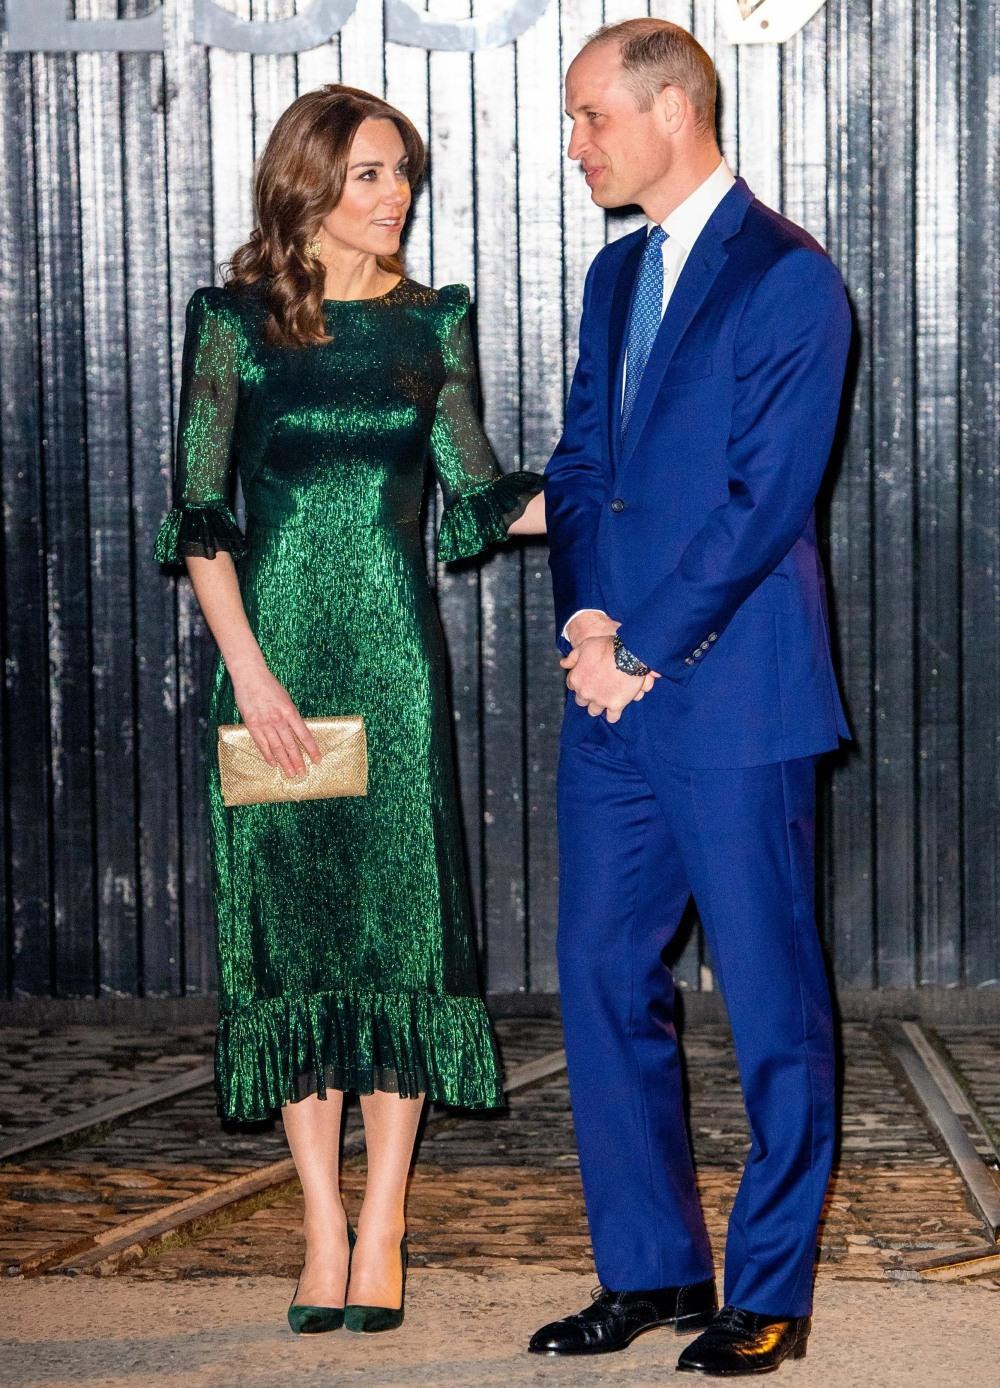 Duke and Duchess of Cambridge visit the Guinness Storehouse in Dublin